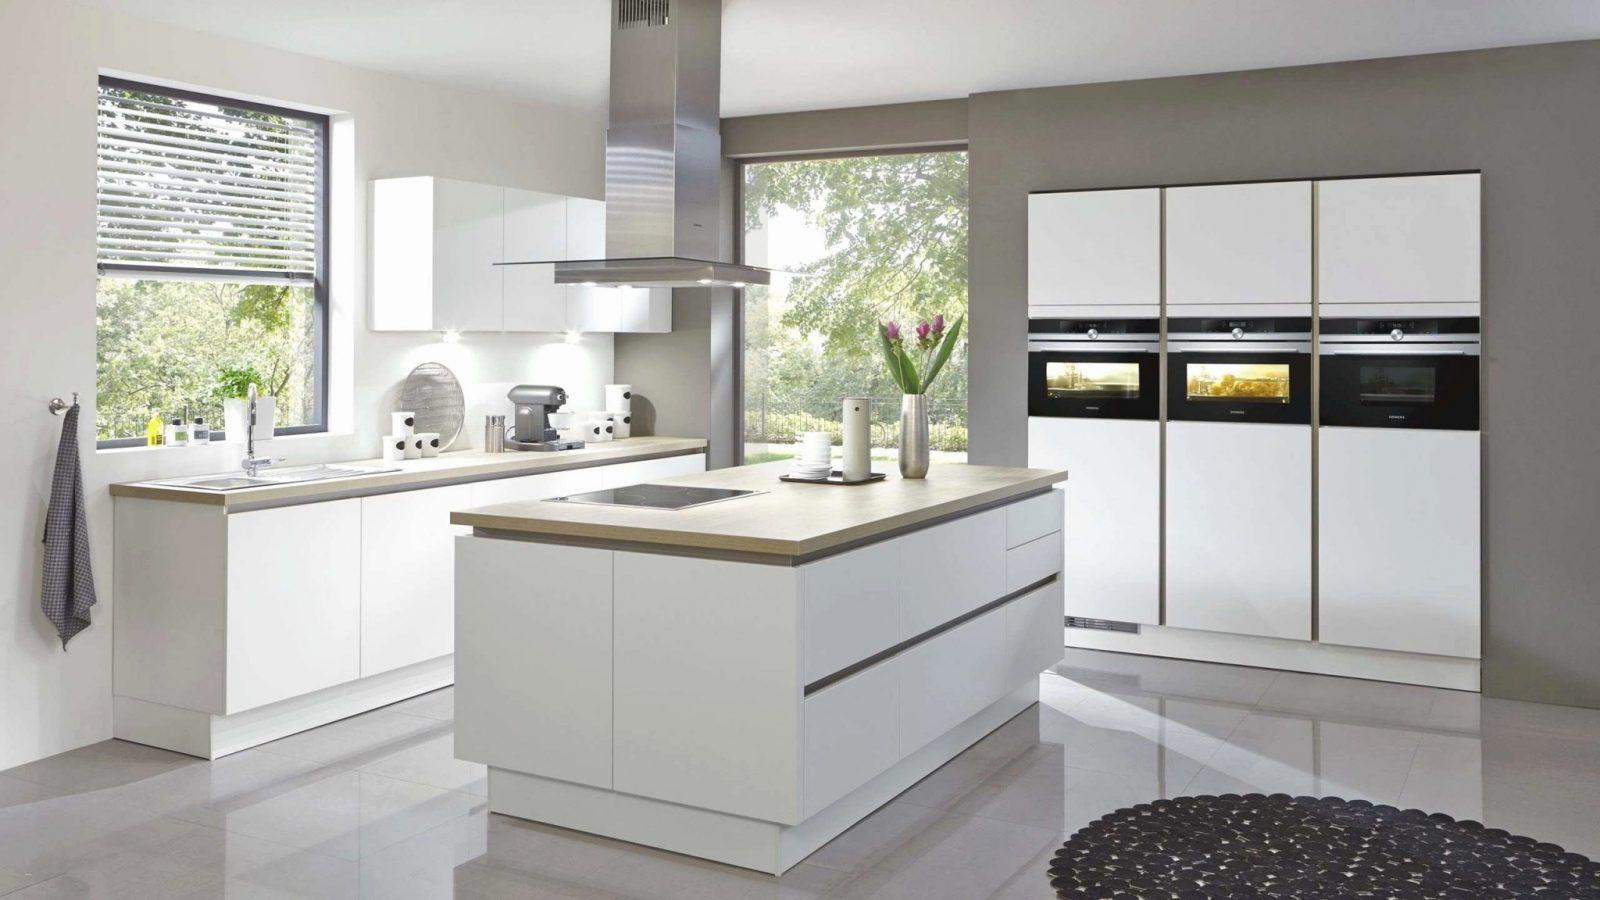 Schmale Küche Mit Essplatz Luxus 25 Essplatz Küche Klein Fotos von Schmale Küche Mit Essplatz Bild